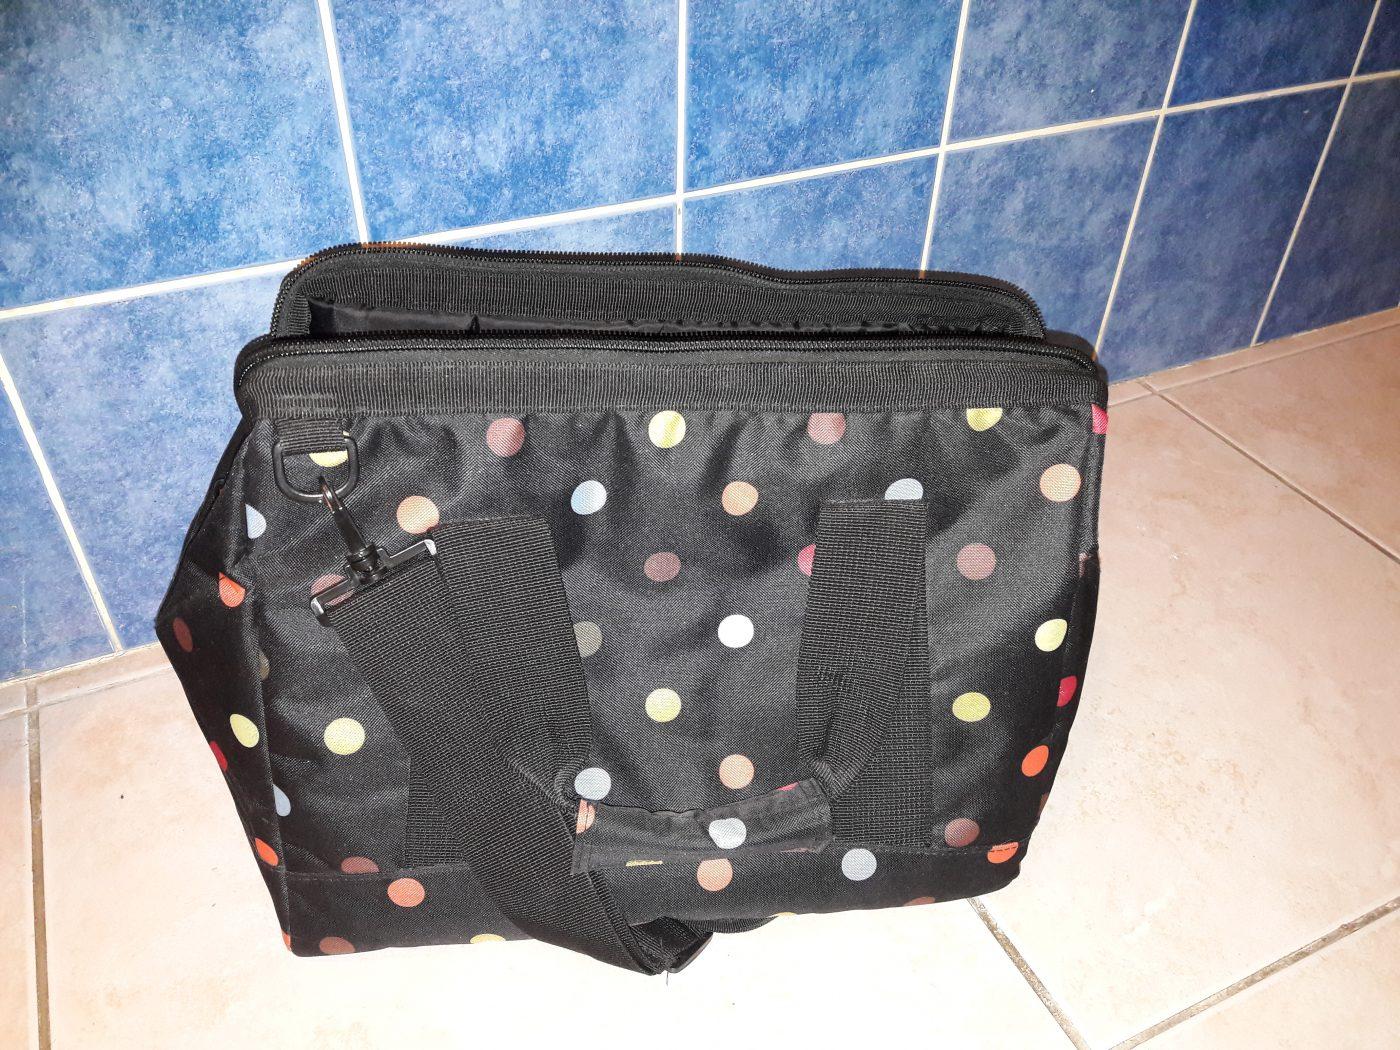 J'ai testé pour vous le sac de voyage Reisenthel